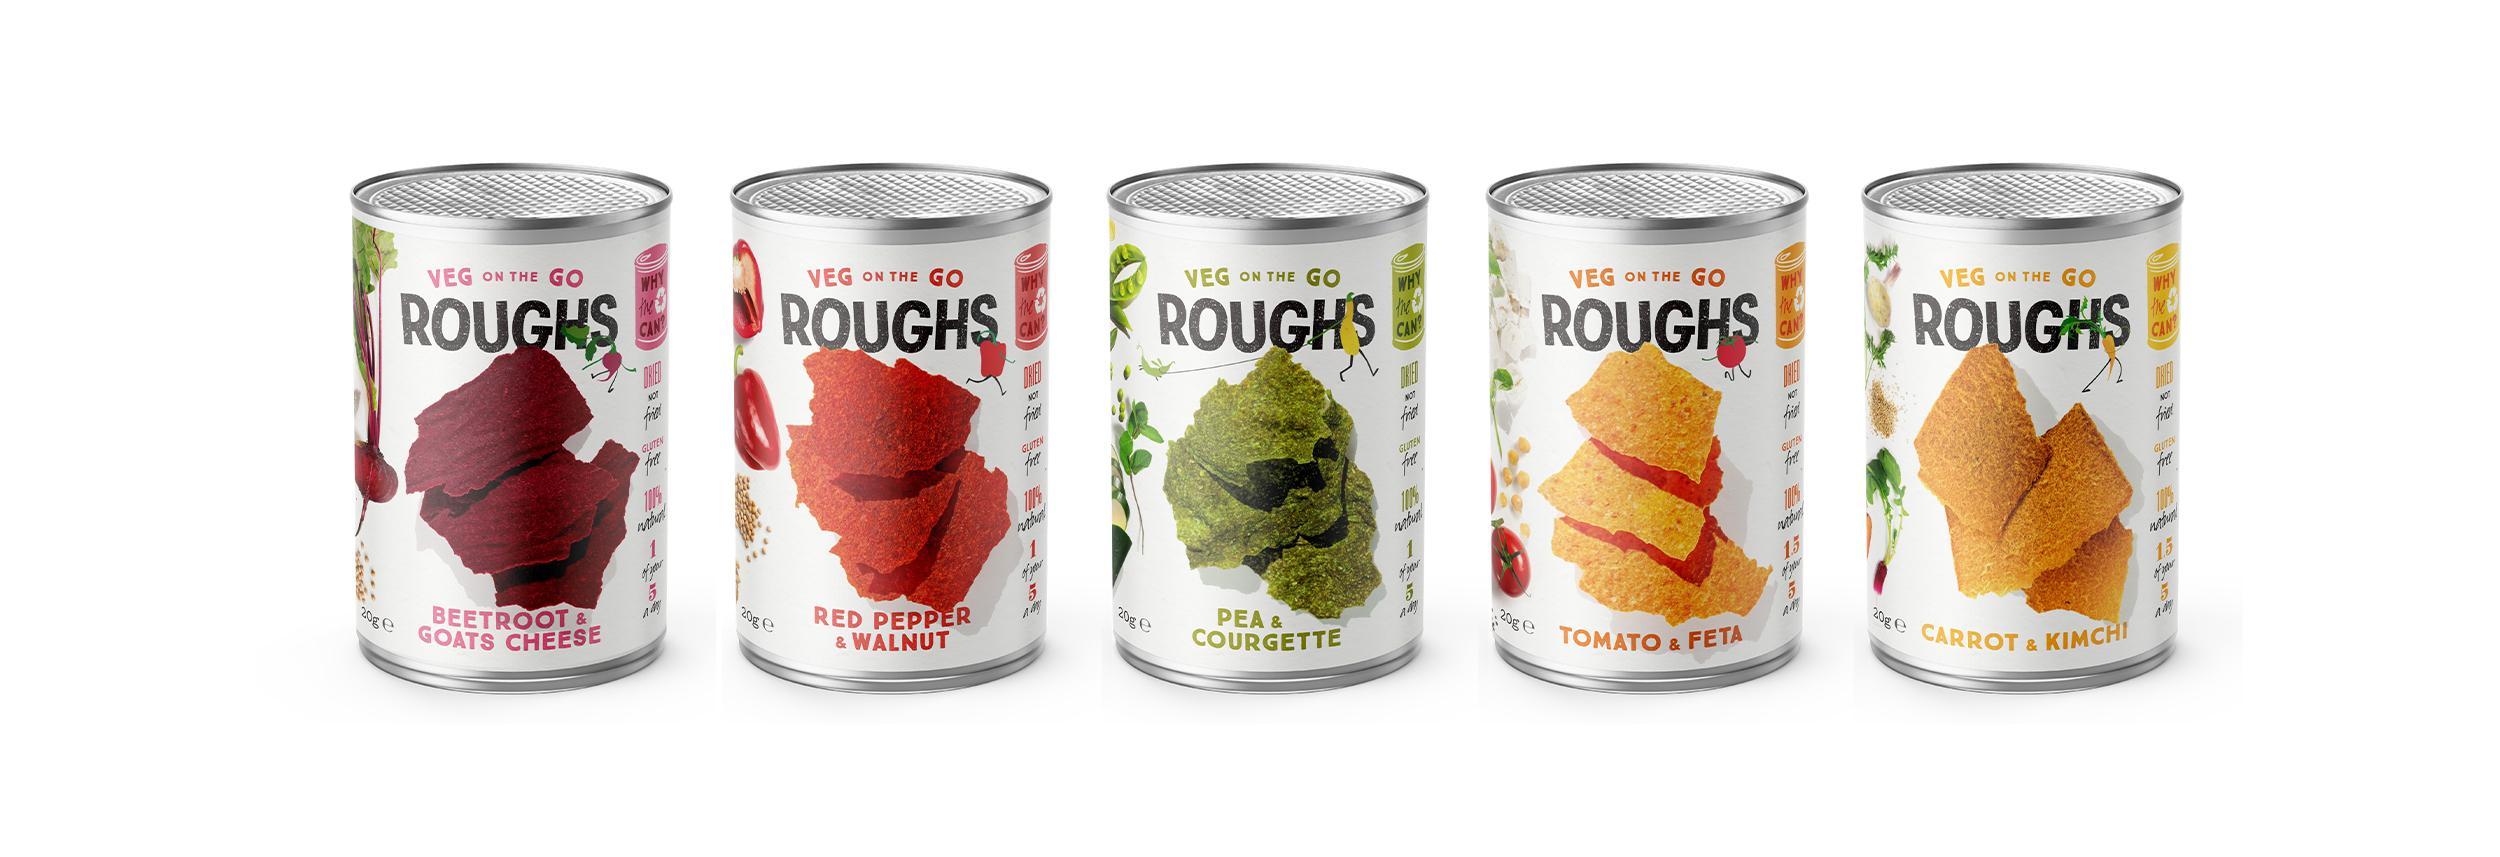 Eco-Packaging-design-snacks-zero-waste-galia-rybitskaya-a-ya-design.jpg